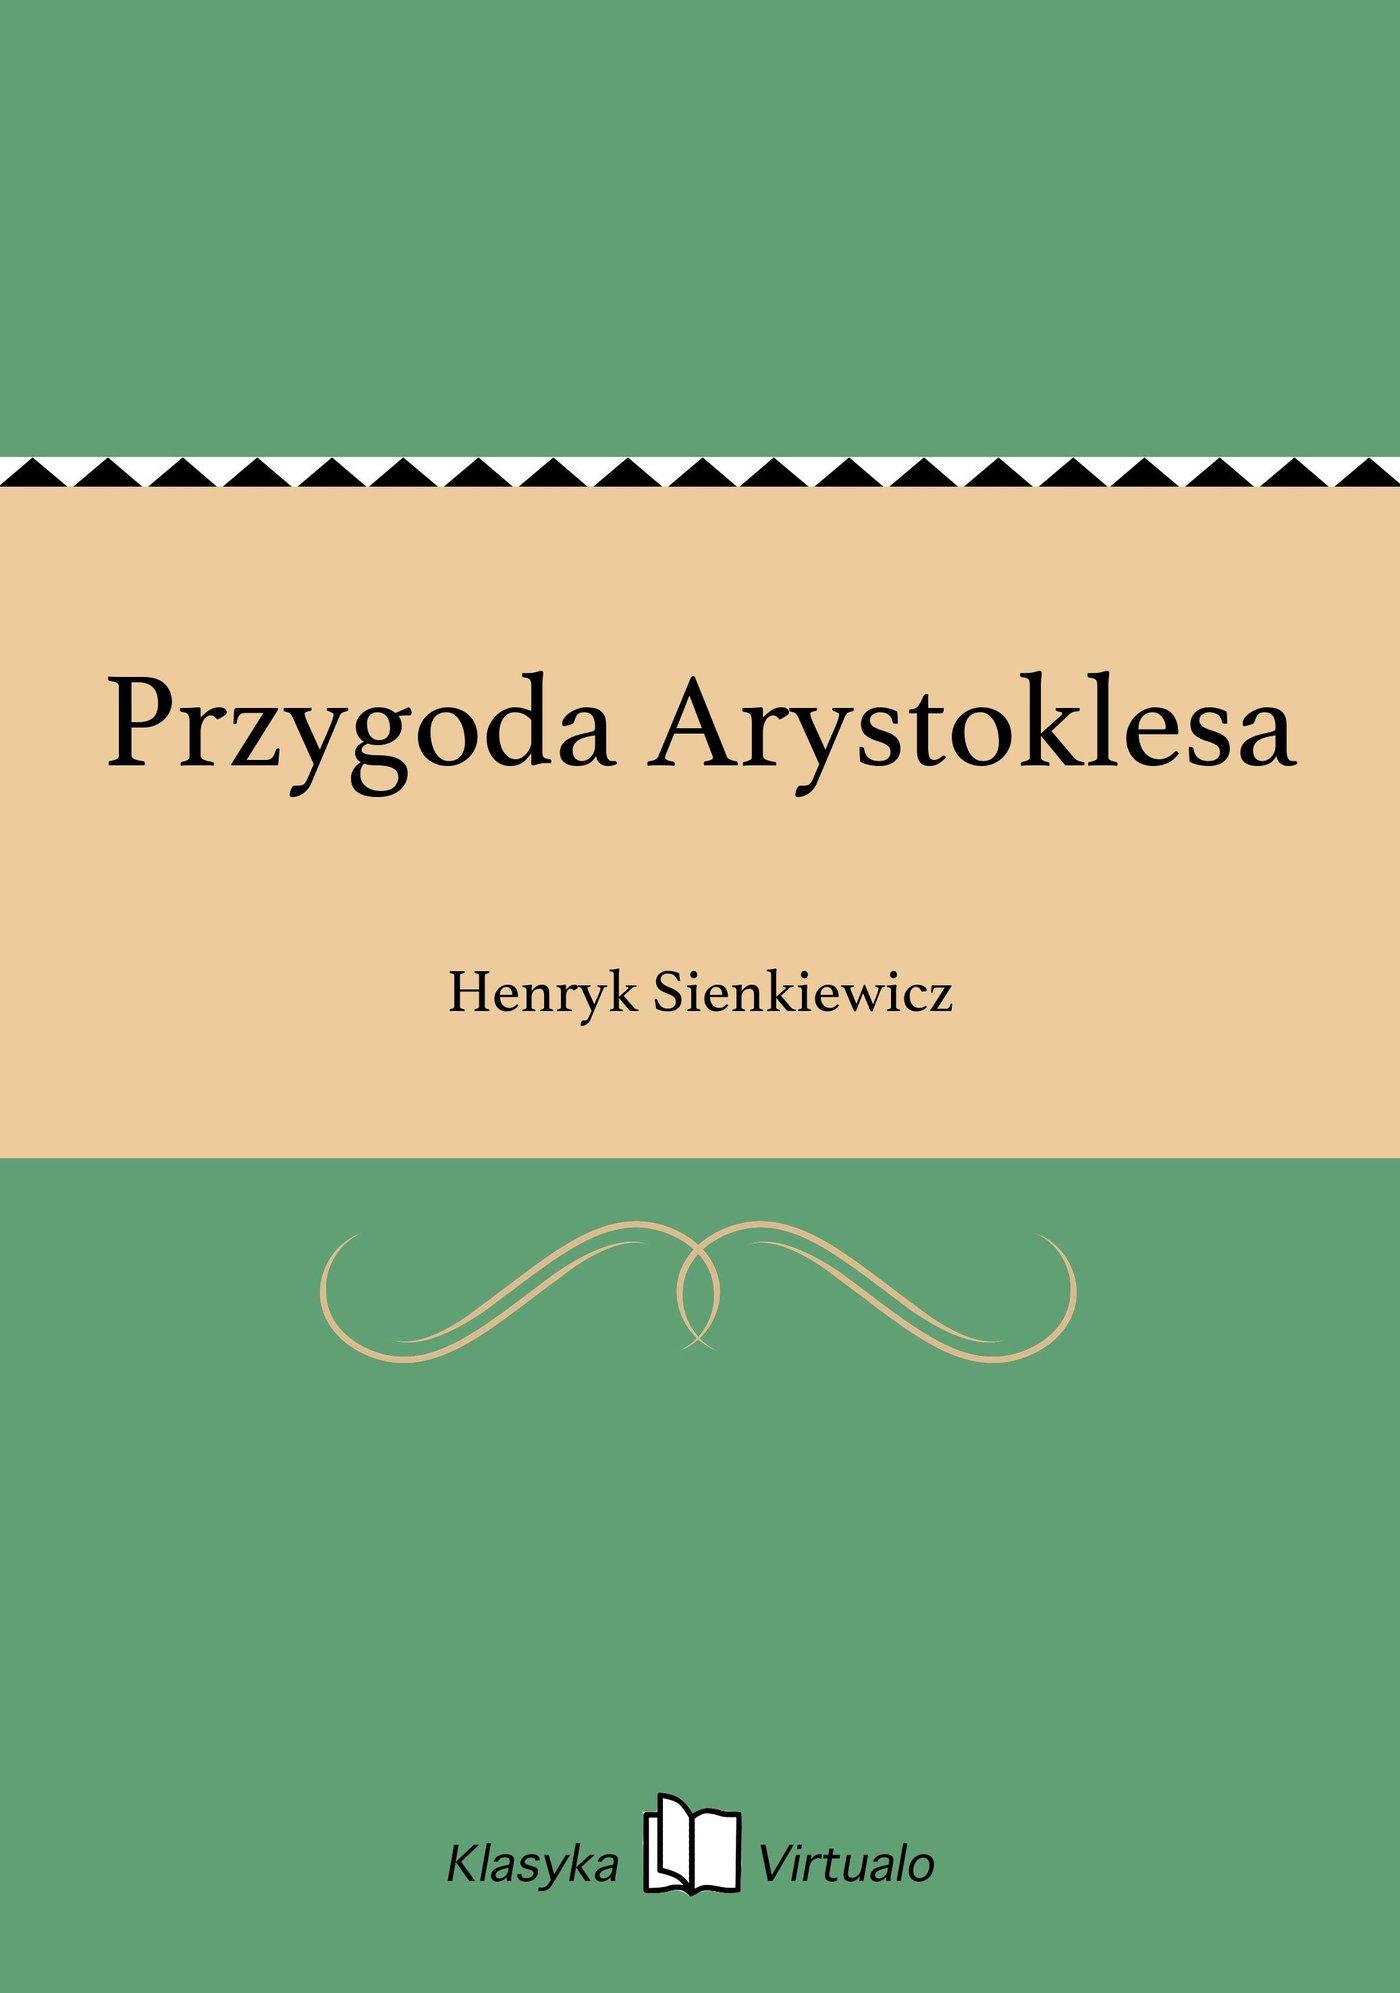 Przygoda Arystoklesa - Ebook (Książka EPUB) do pobrania w formacie EPUB